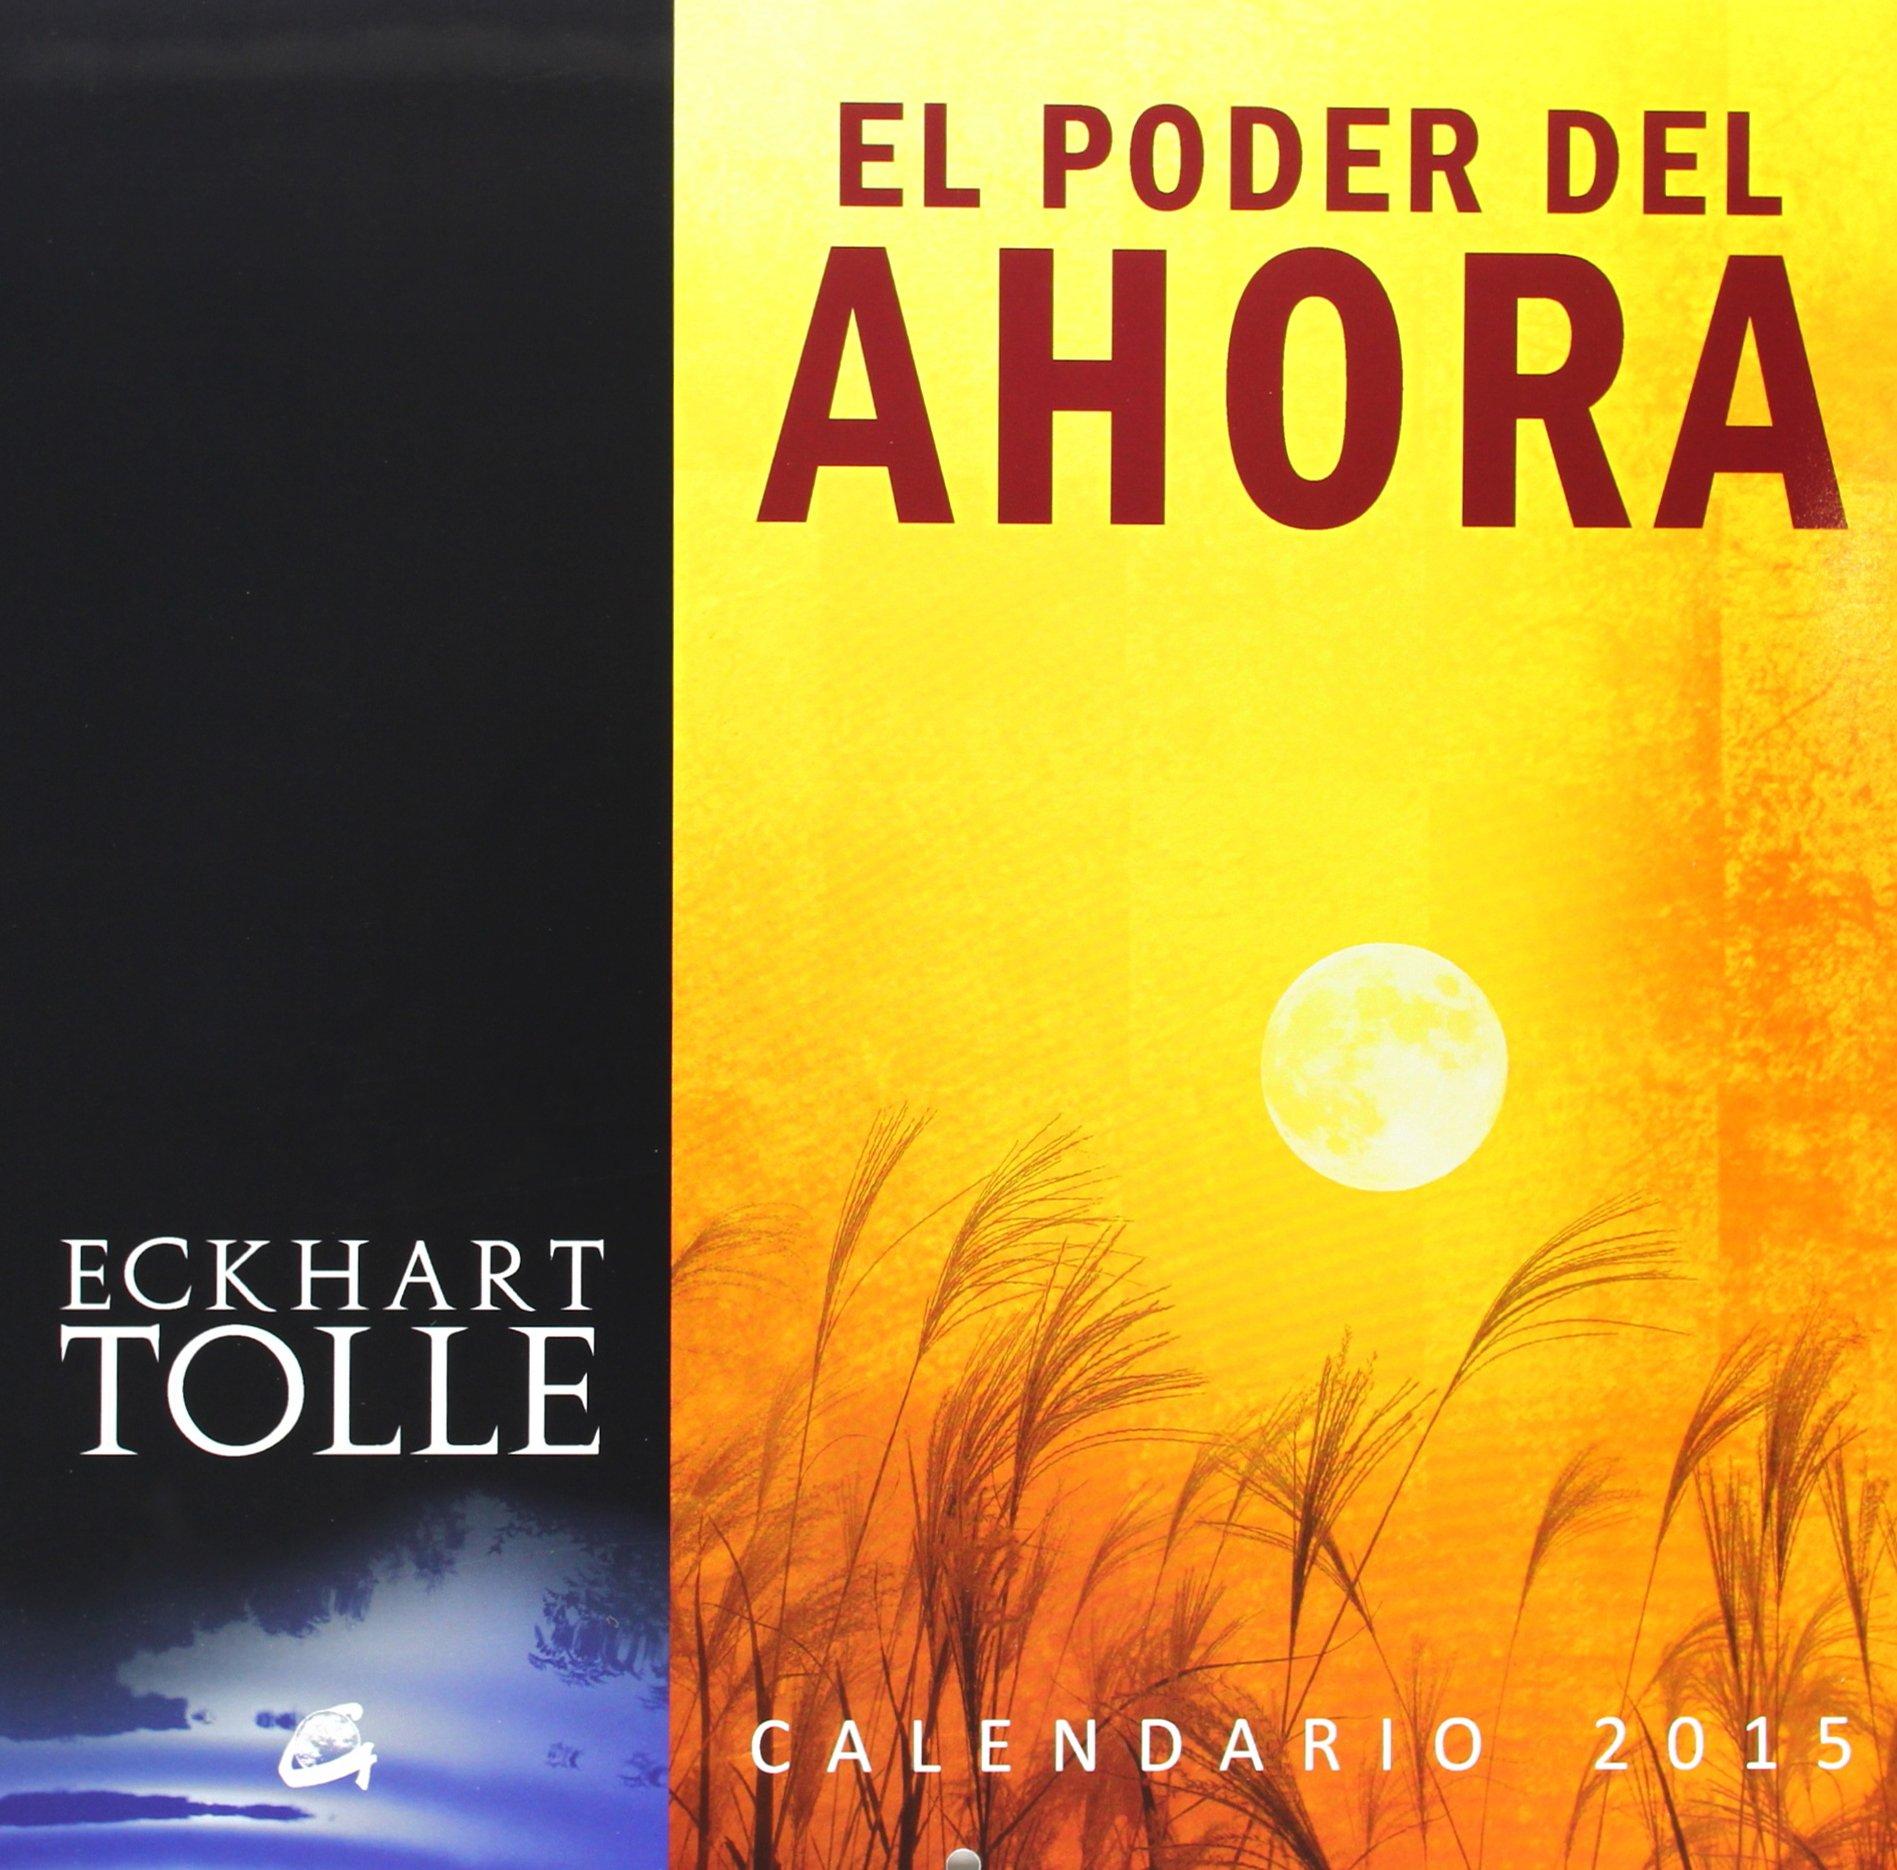 El Poder Del Ahora. Calendario 2015: Amazon.es: Eckhart Tolle, Equipo  editorial Alfaomega: Libros